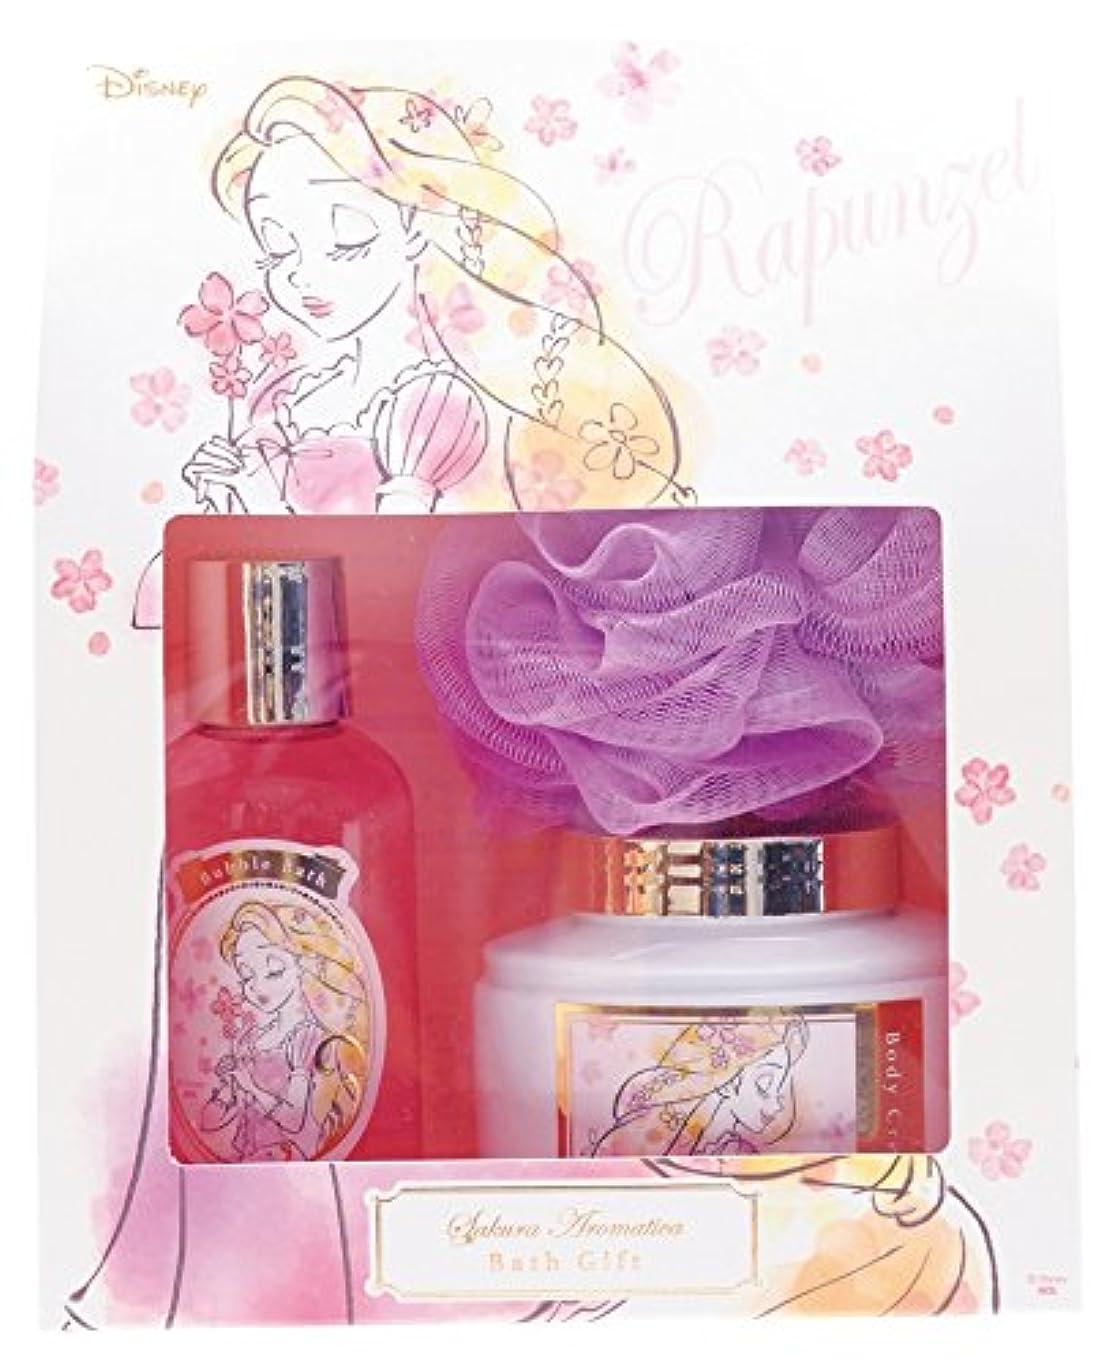 レルム紫のホールディズニー 入浴剤 ギフトセット ラプンツェル サクラアロマティカ サクラファンタジア の香り DIT-8-02